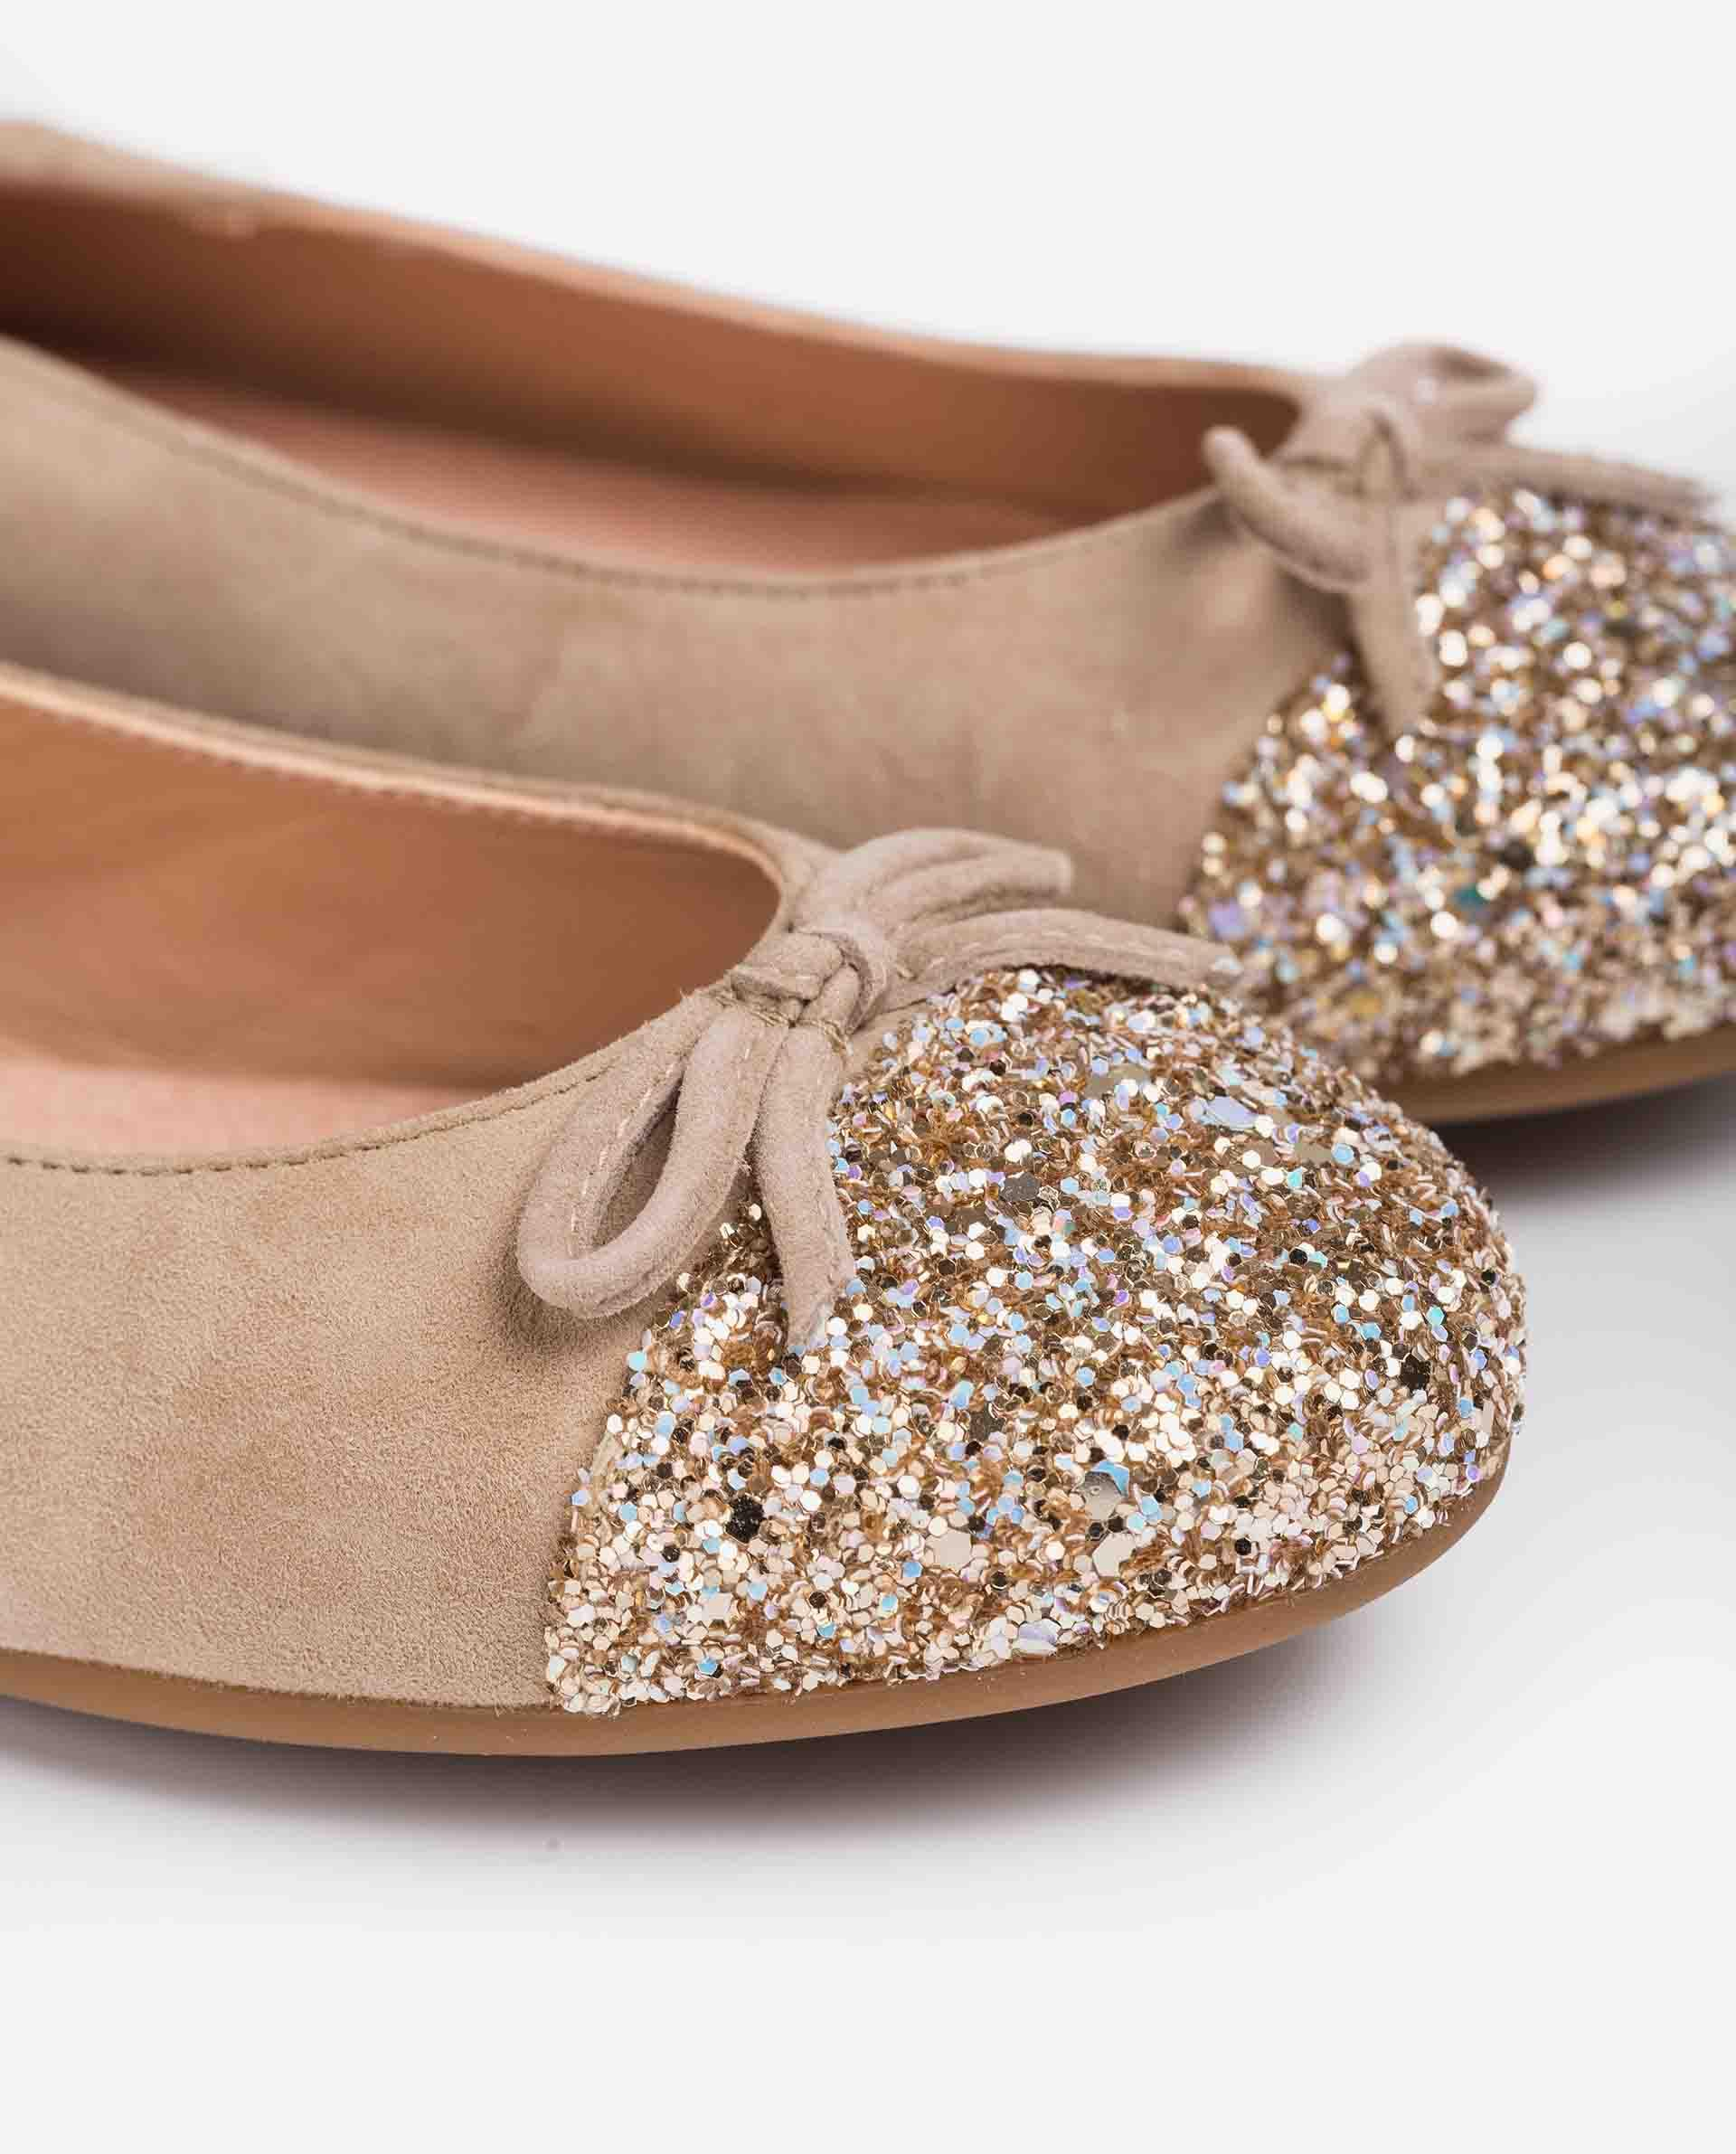 UNISA Kid suede and glitter ballerinas for little girls DINO_21_KS_GL 2